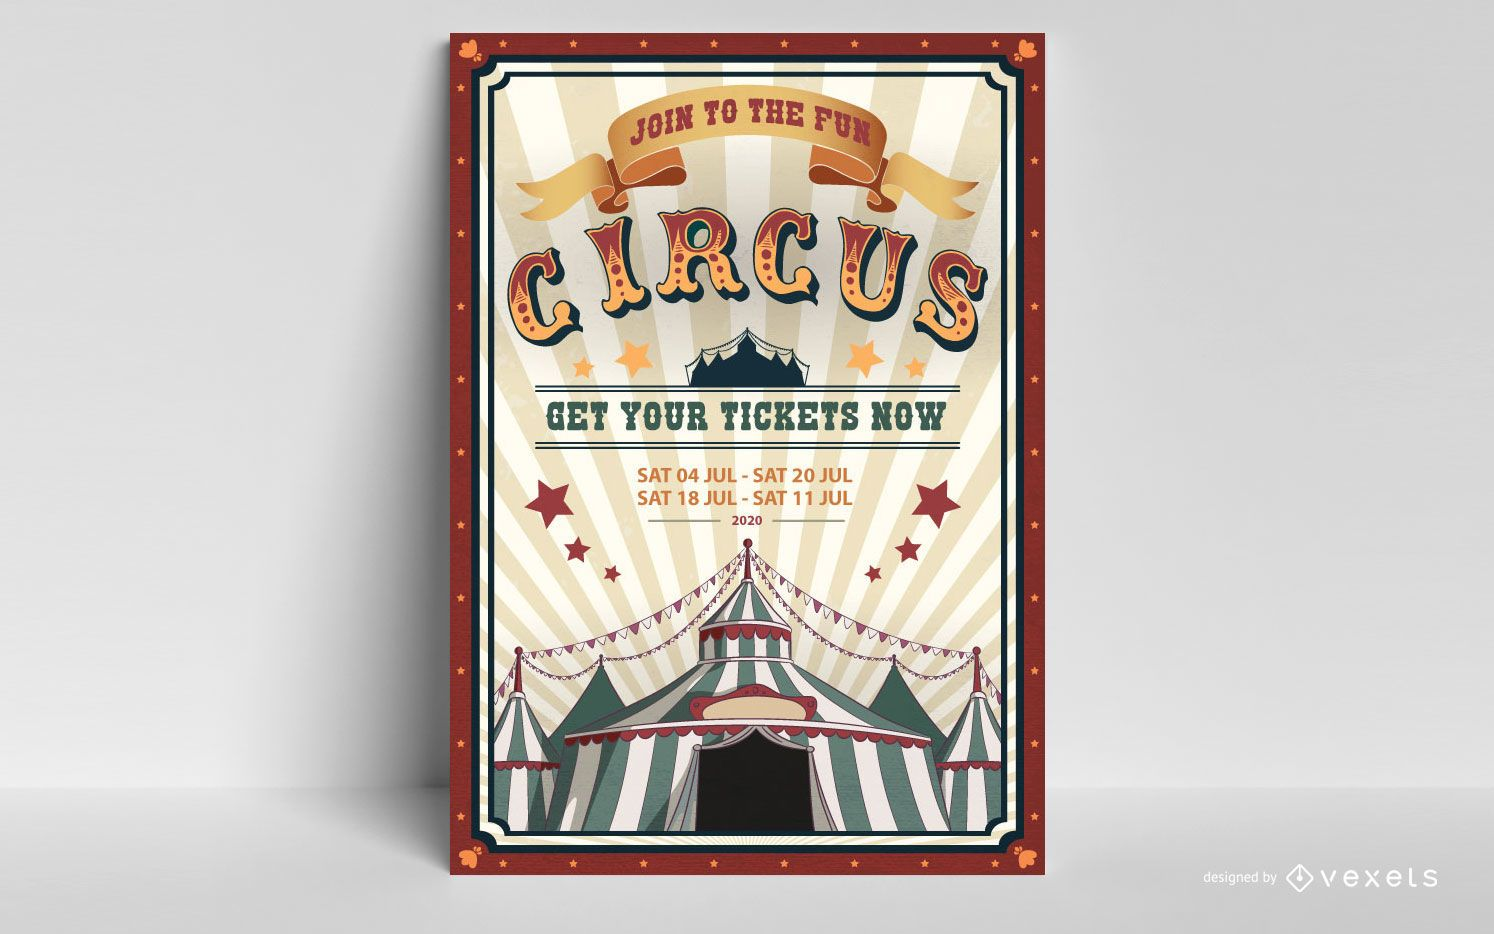 Diseño editable de cartel de circo